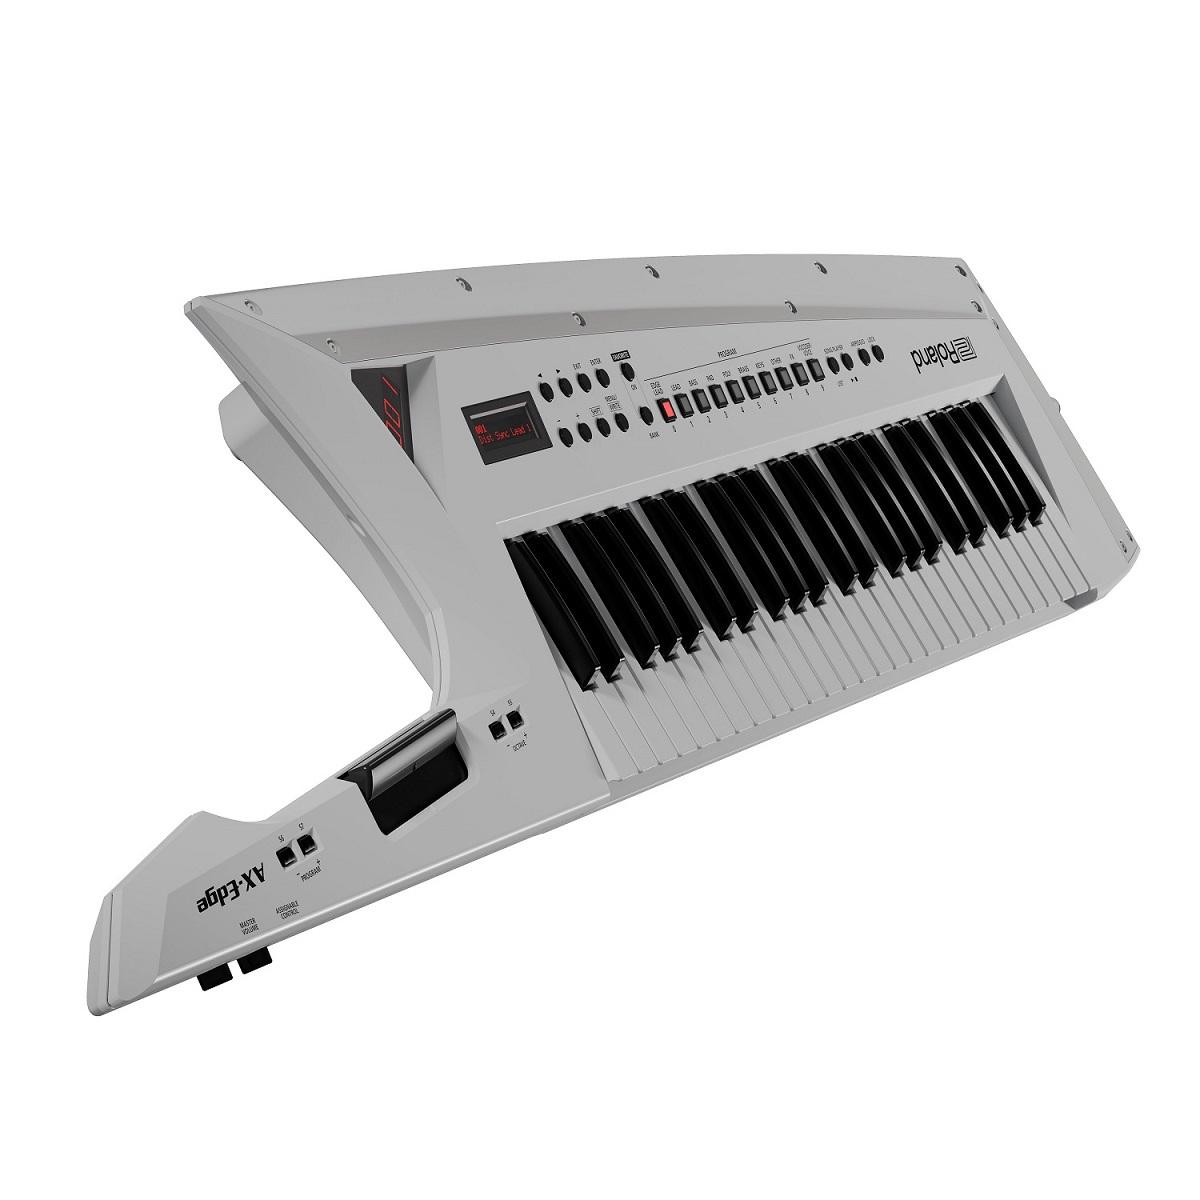 RolandAX-EDGE-W 【ショルダーキーボード】【ホワイト】【ローランド】【新製品】【送料無料】